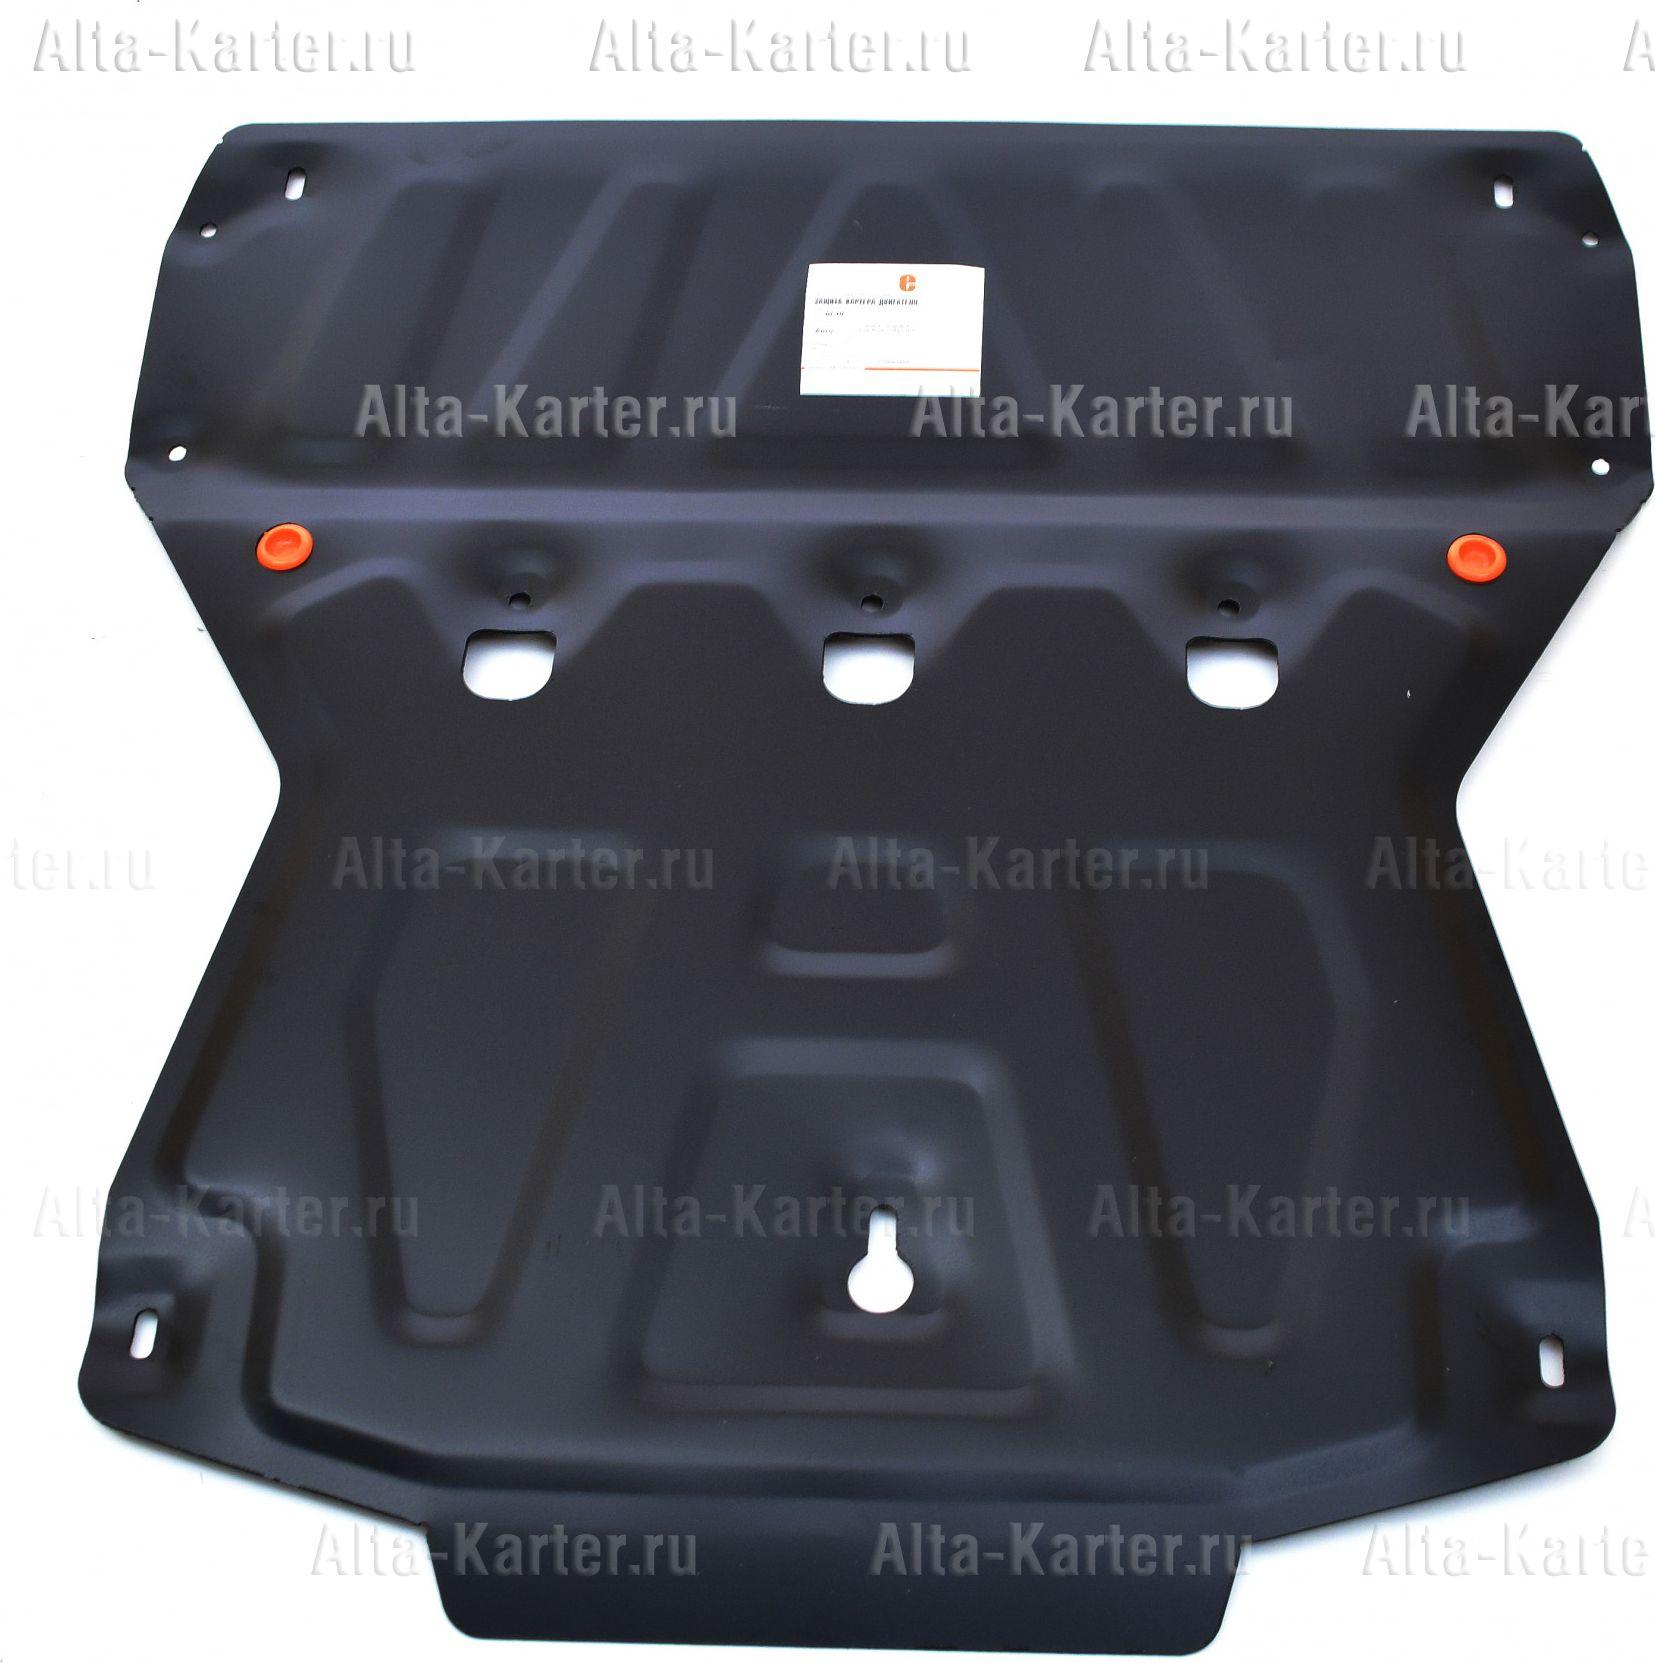 Защита Alfeco для картера Audi A7 I 2010-2018. Артикул ALF.30.30